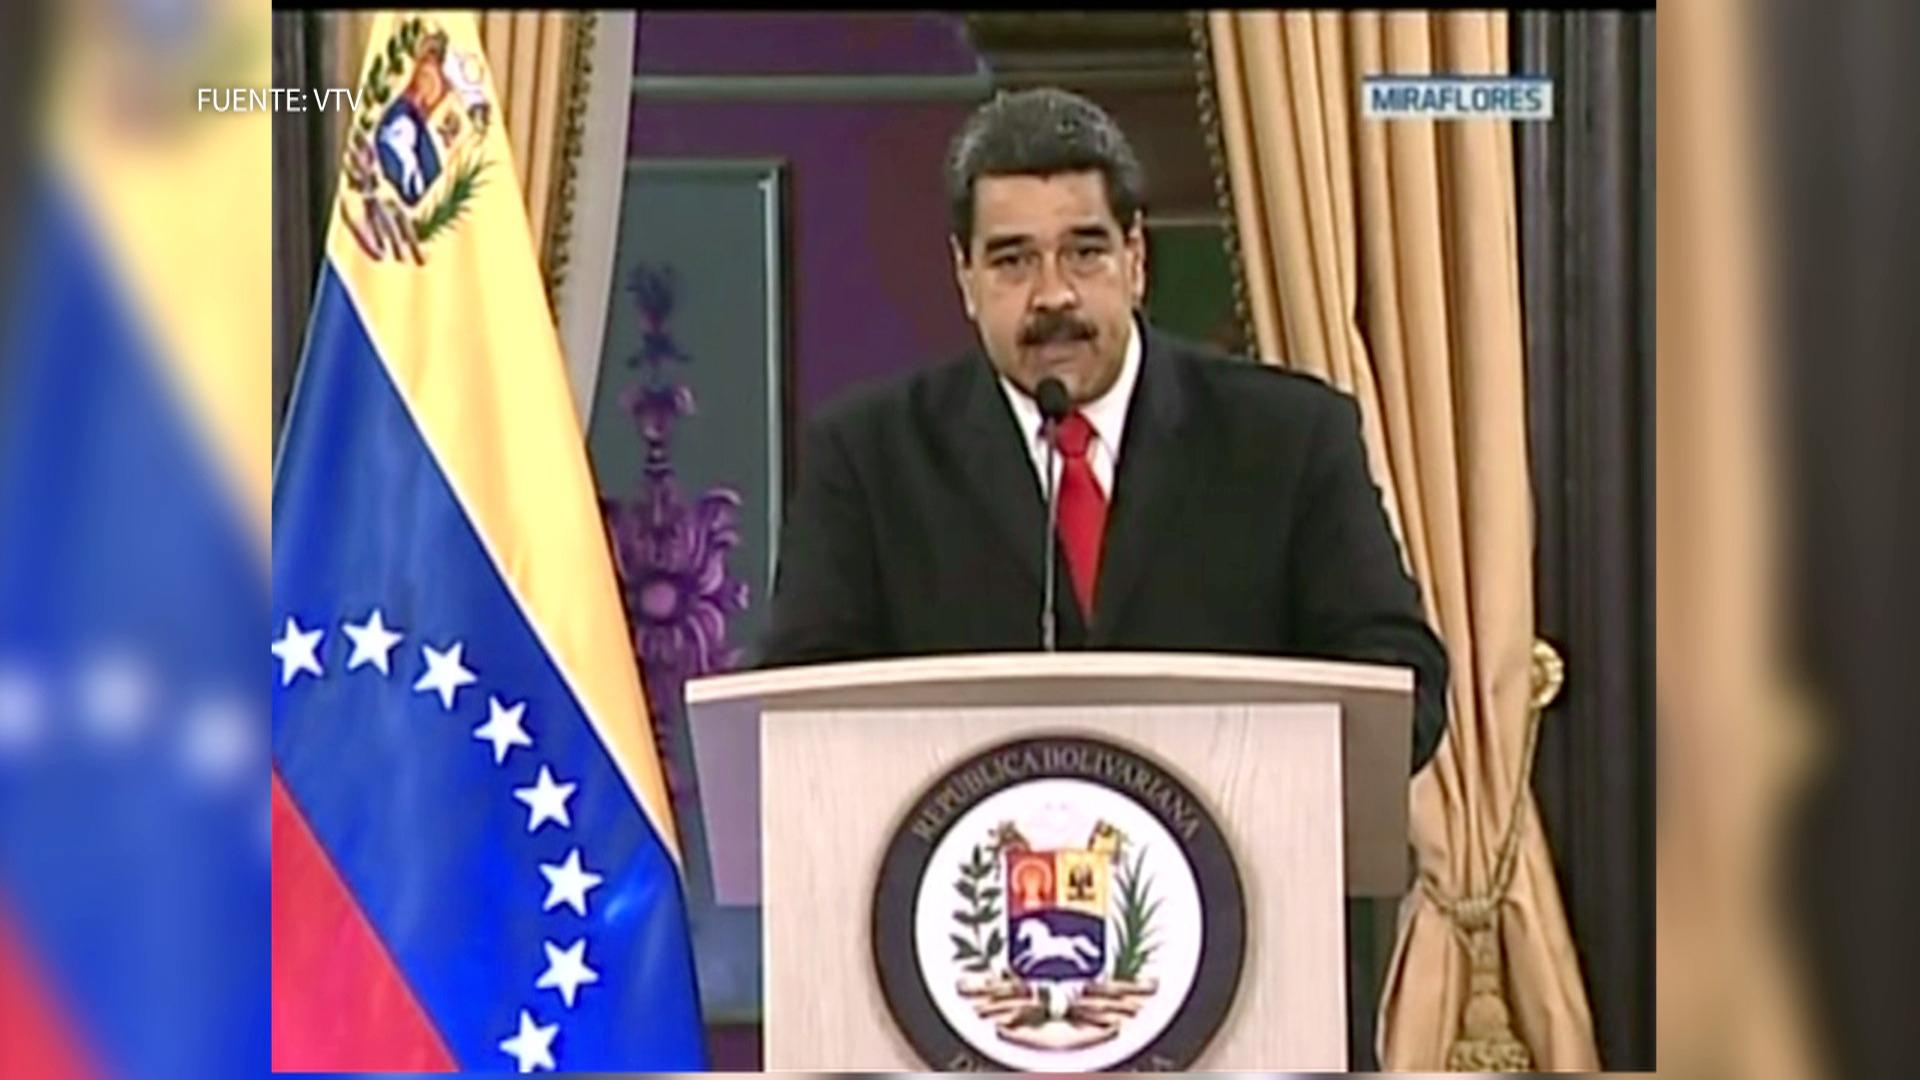 Maduro responsabilizó a presidente colombiano por atentado en su contra.